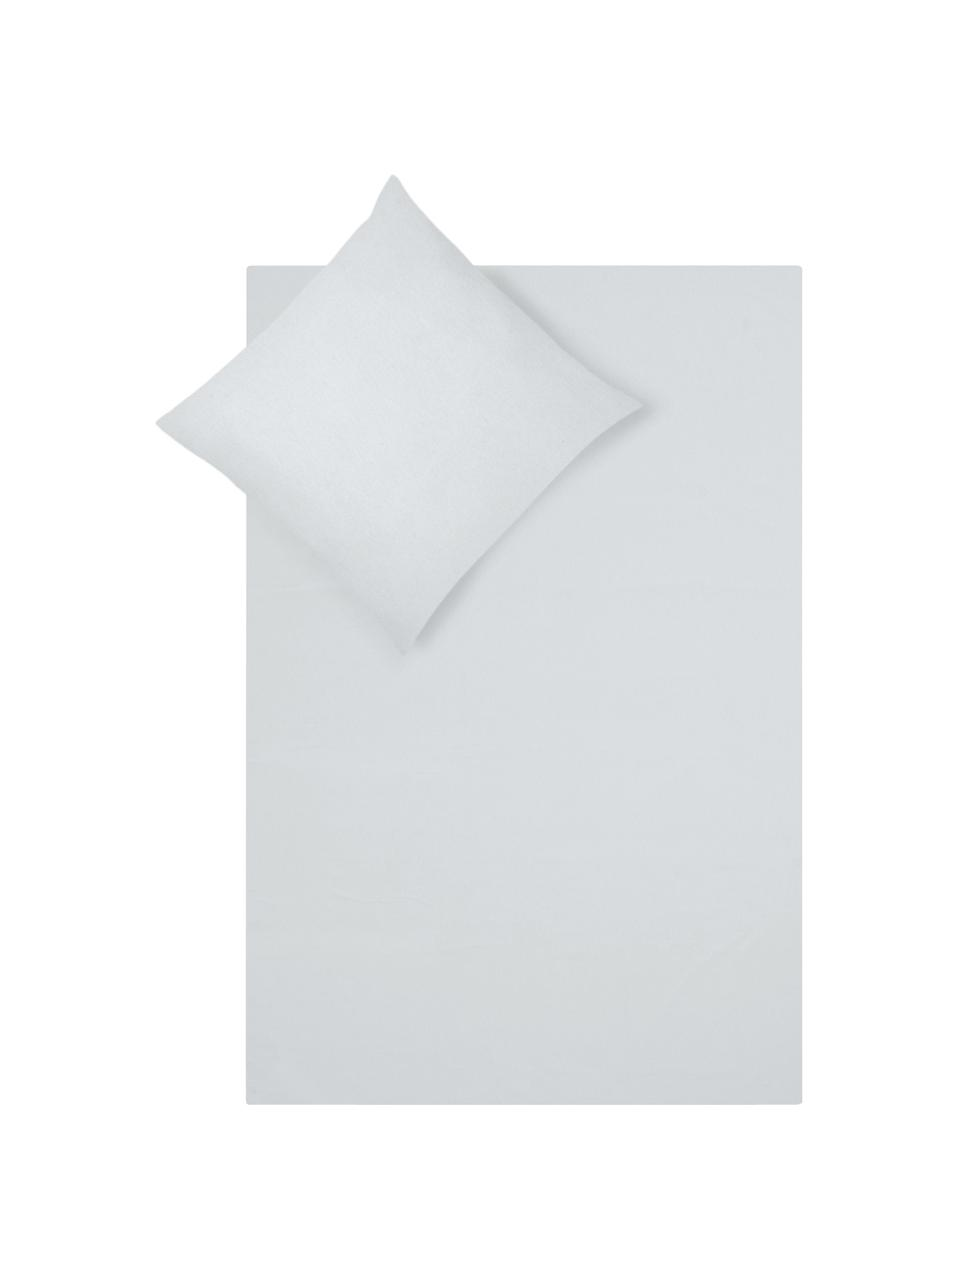 Flanell-Bettwäsche Biba in Hellgrau, Webart: Flanell Flanell ist ein k, Hellgrau, 135 x 200 cm + 1 Kissen 80 x 80 cm